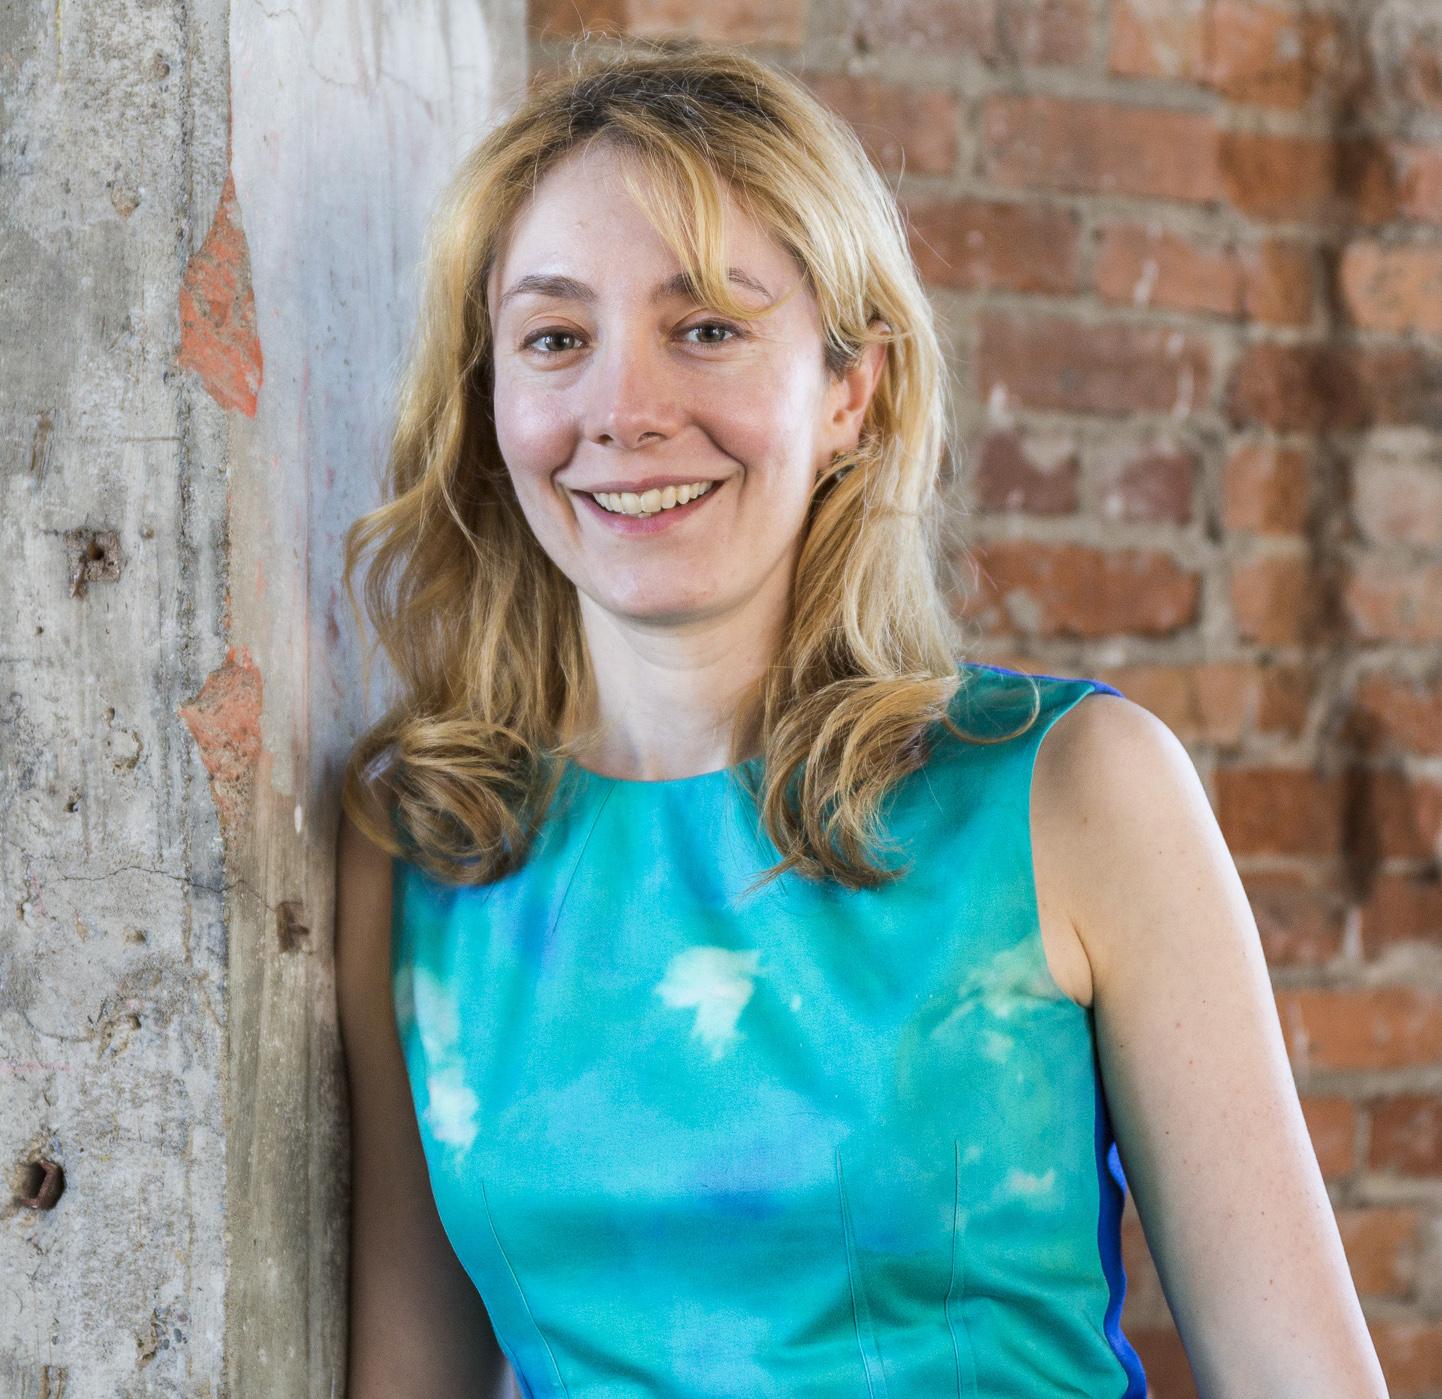 <b> KARIN KLEIN </b><br> Bloomberg Beta<br> Founding Partner